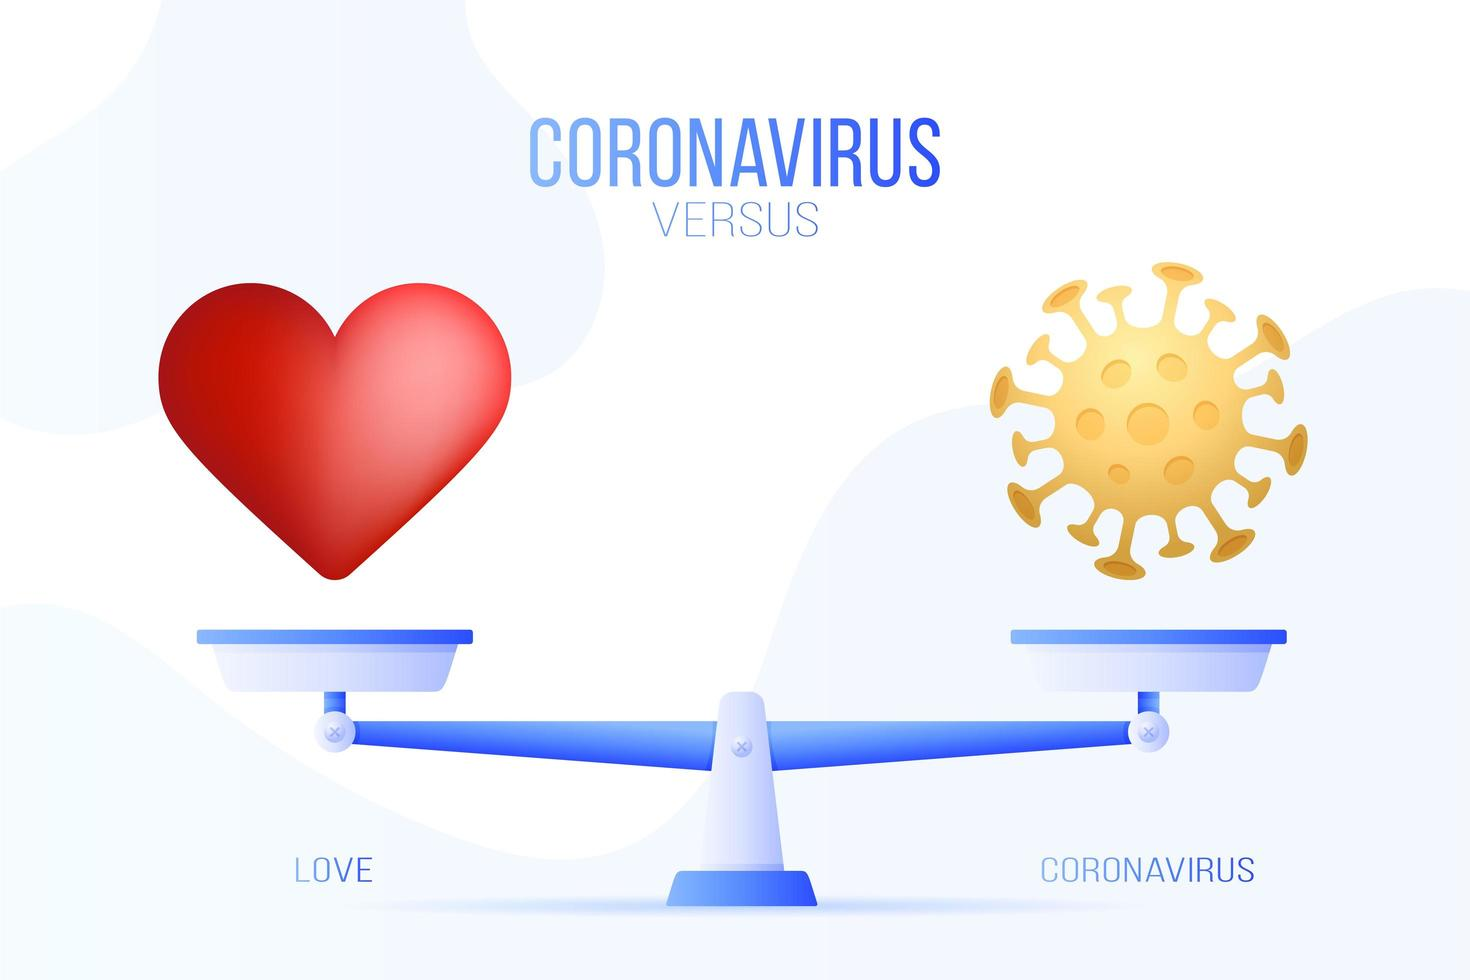 coronavírus ou ilustração vetorial de amor. conceito criativo de escalas e versus, de um lado da escala está o vírus covid-19 e, do outro, o ícone de coração de amor. ilustração vetorial plana. vetor